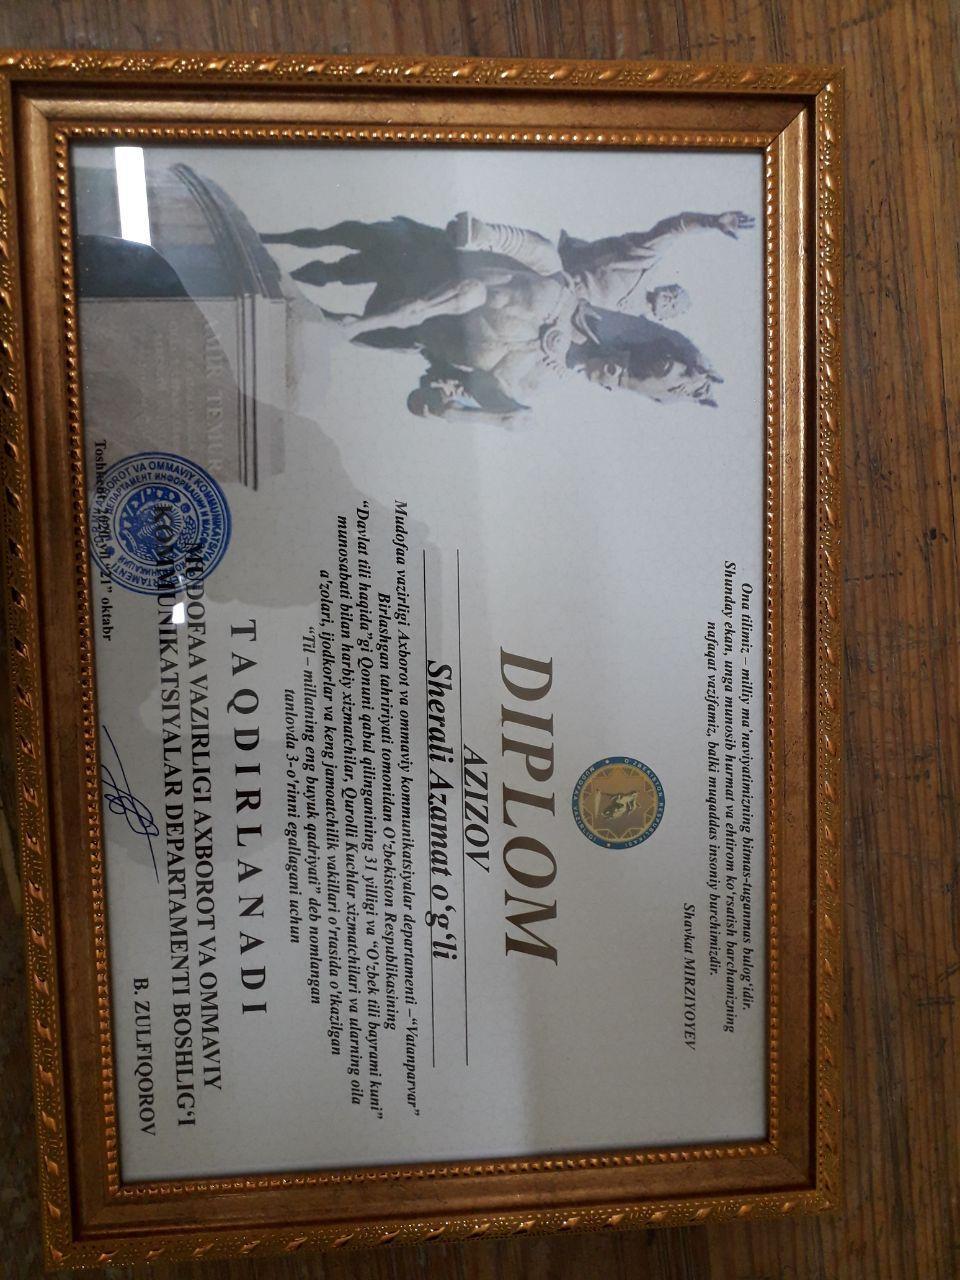 Ўзбекистон давлат санъат ва маданият институти талабаси диплом ҳамда 550 000 сўм пул мукофоти билан тақдирланди.